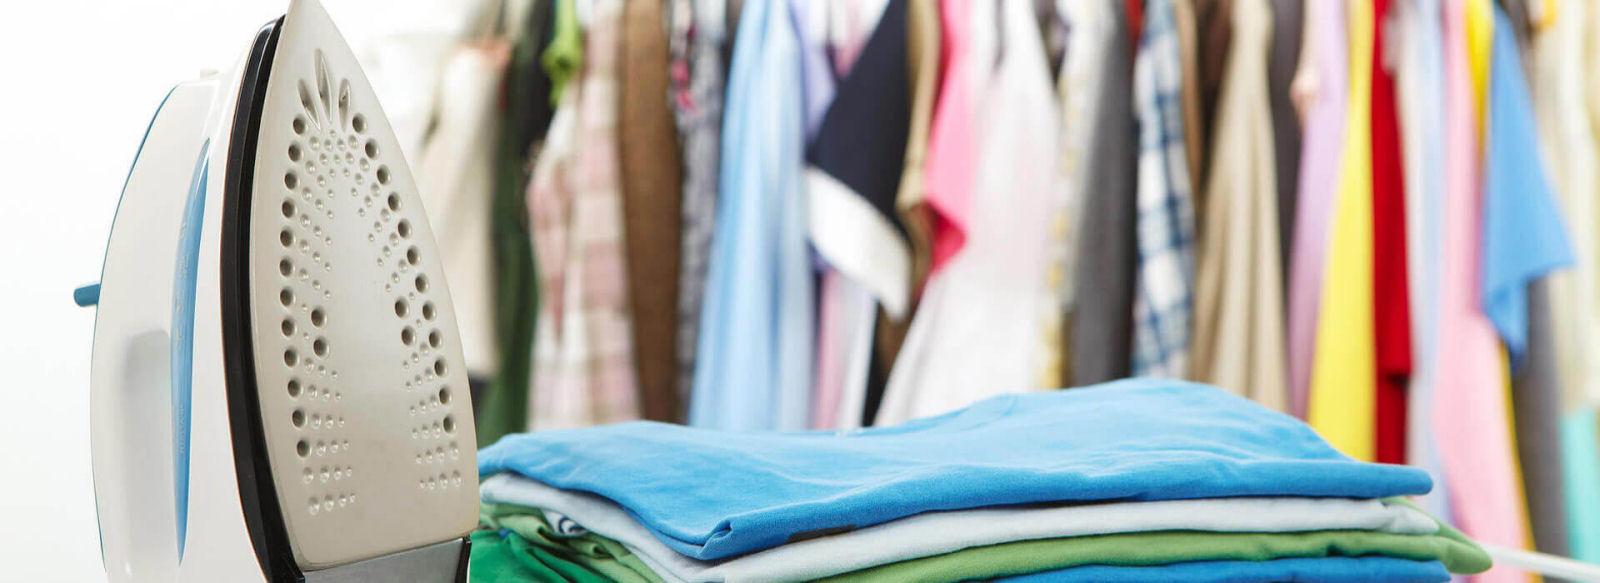 Pranje i glačanje rublja, radne odjeće, zavjesa, hotelijerskog rublja, Economatic, Umag, Istra